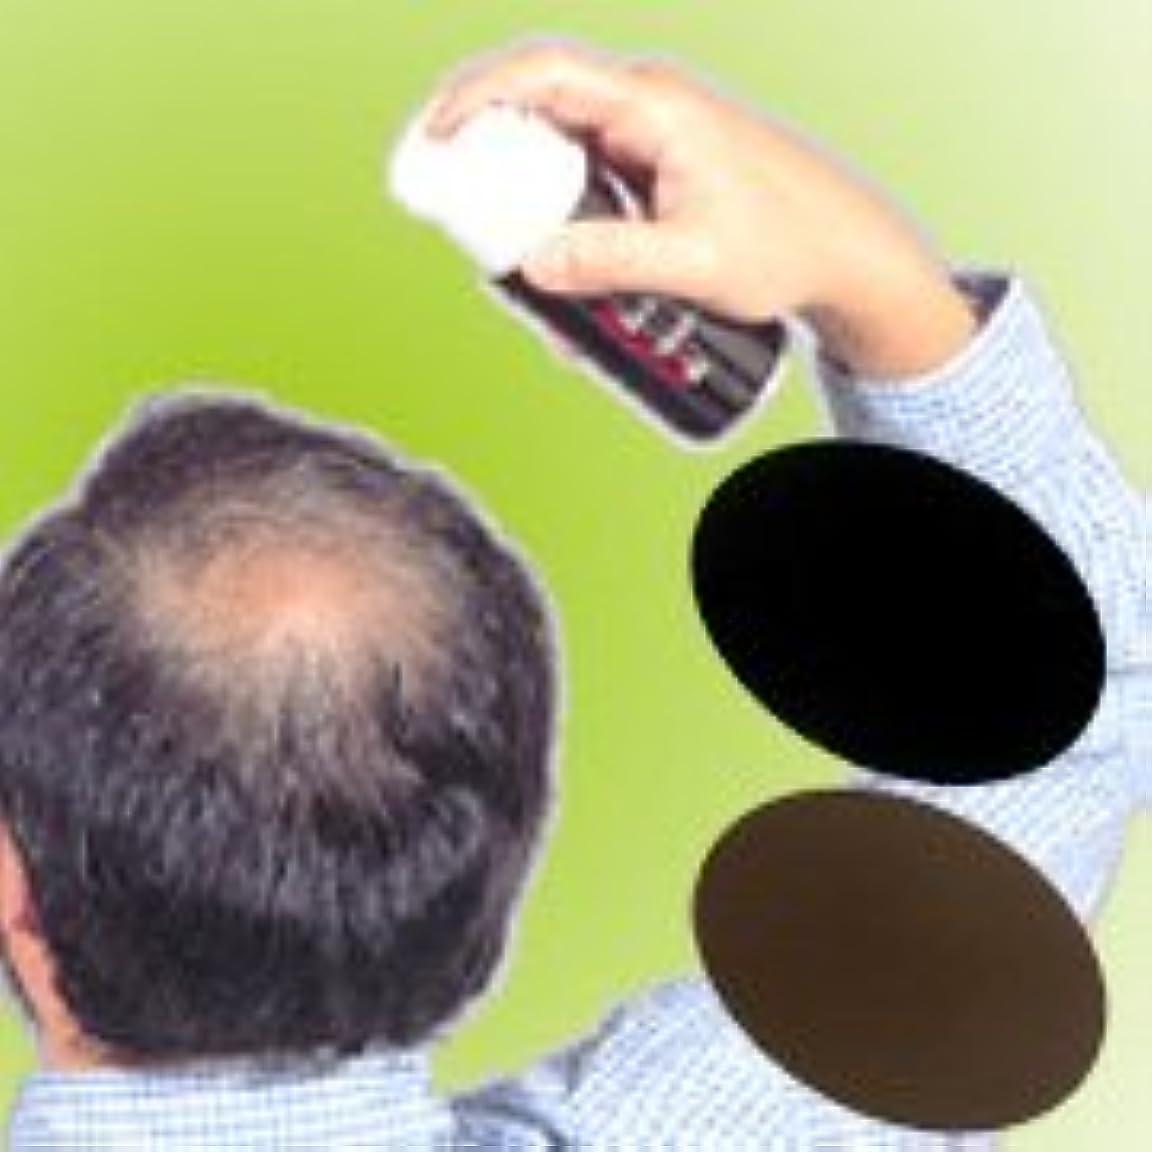 技術的な眩惑する絶対に薄毛?白髪をワンタッチで隠します! 男女兼用タイプの増毛スプレー! ! 【トミーリッチ ブラックヘアー】 (商品内訳:ブラック)